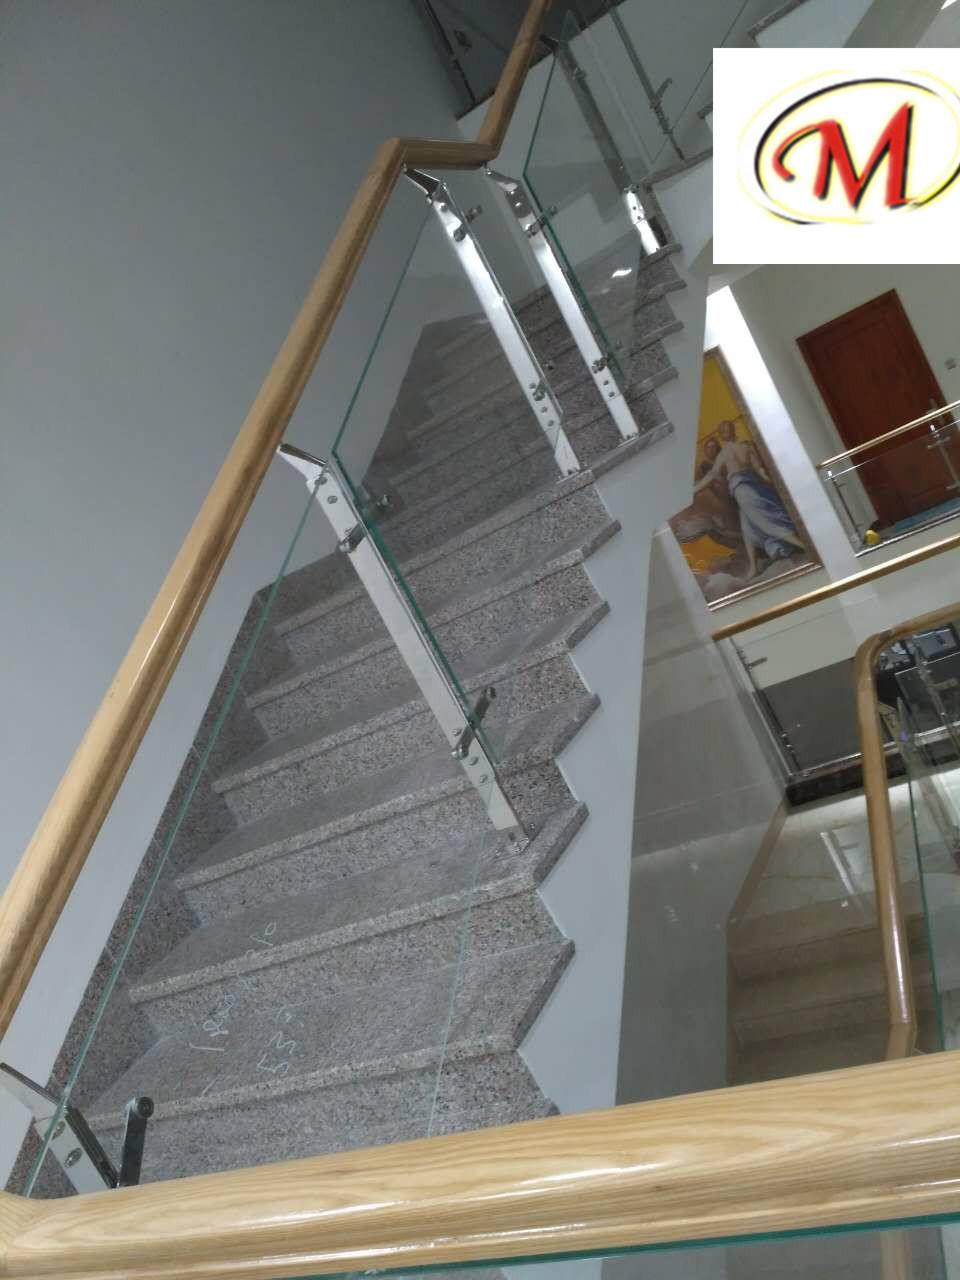 Titanium and Sanding Finish Stainless Steel Stair Railing Pillars